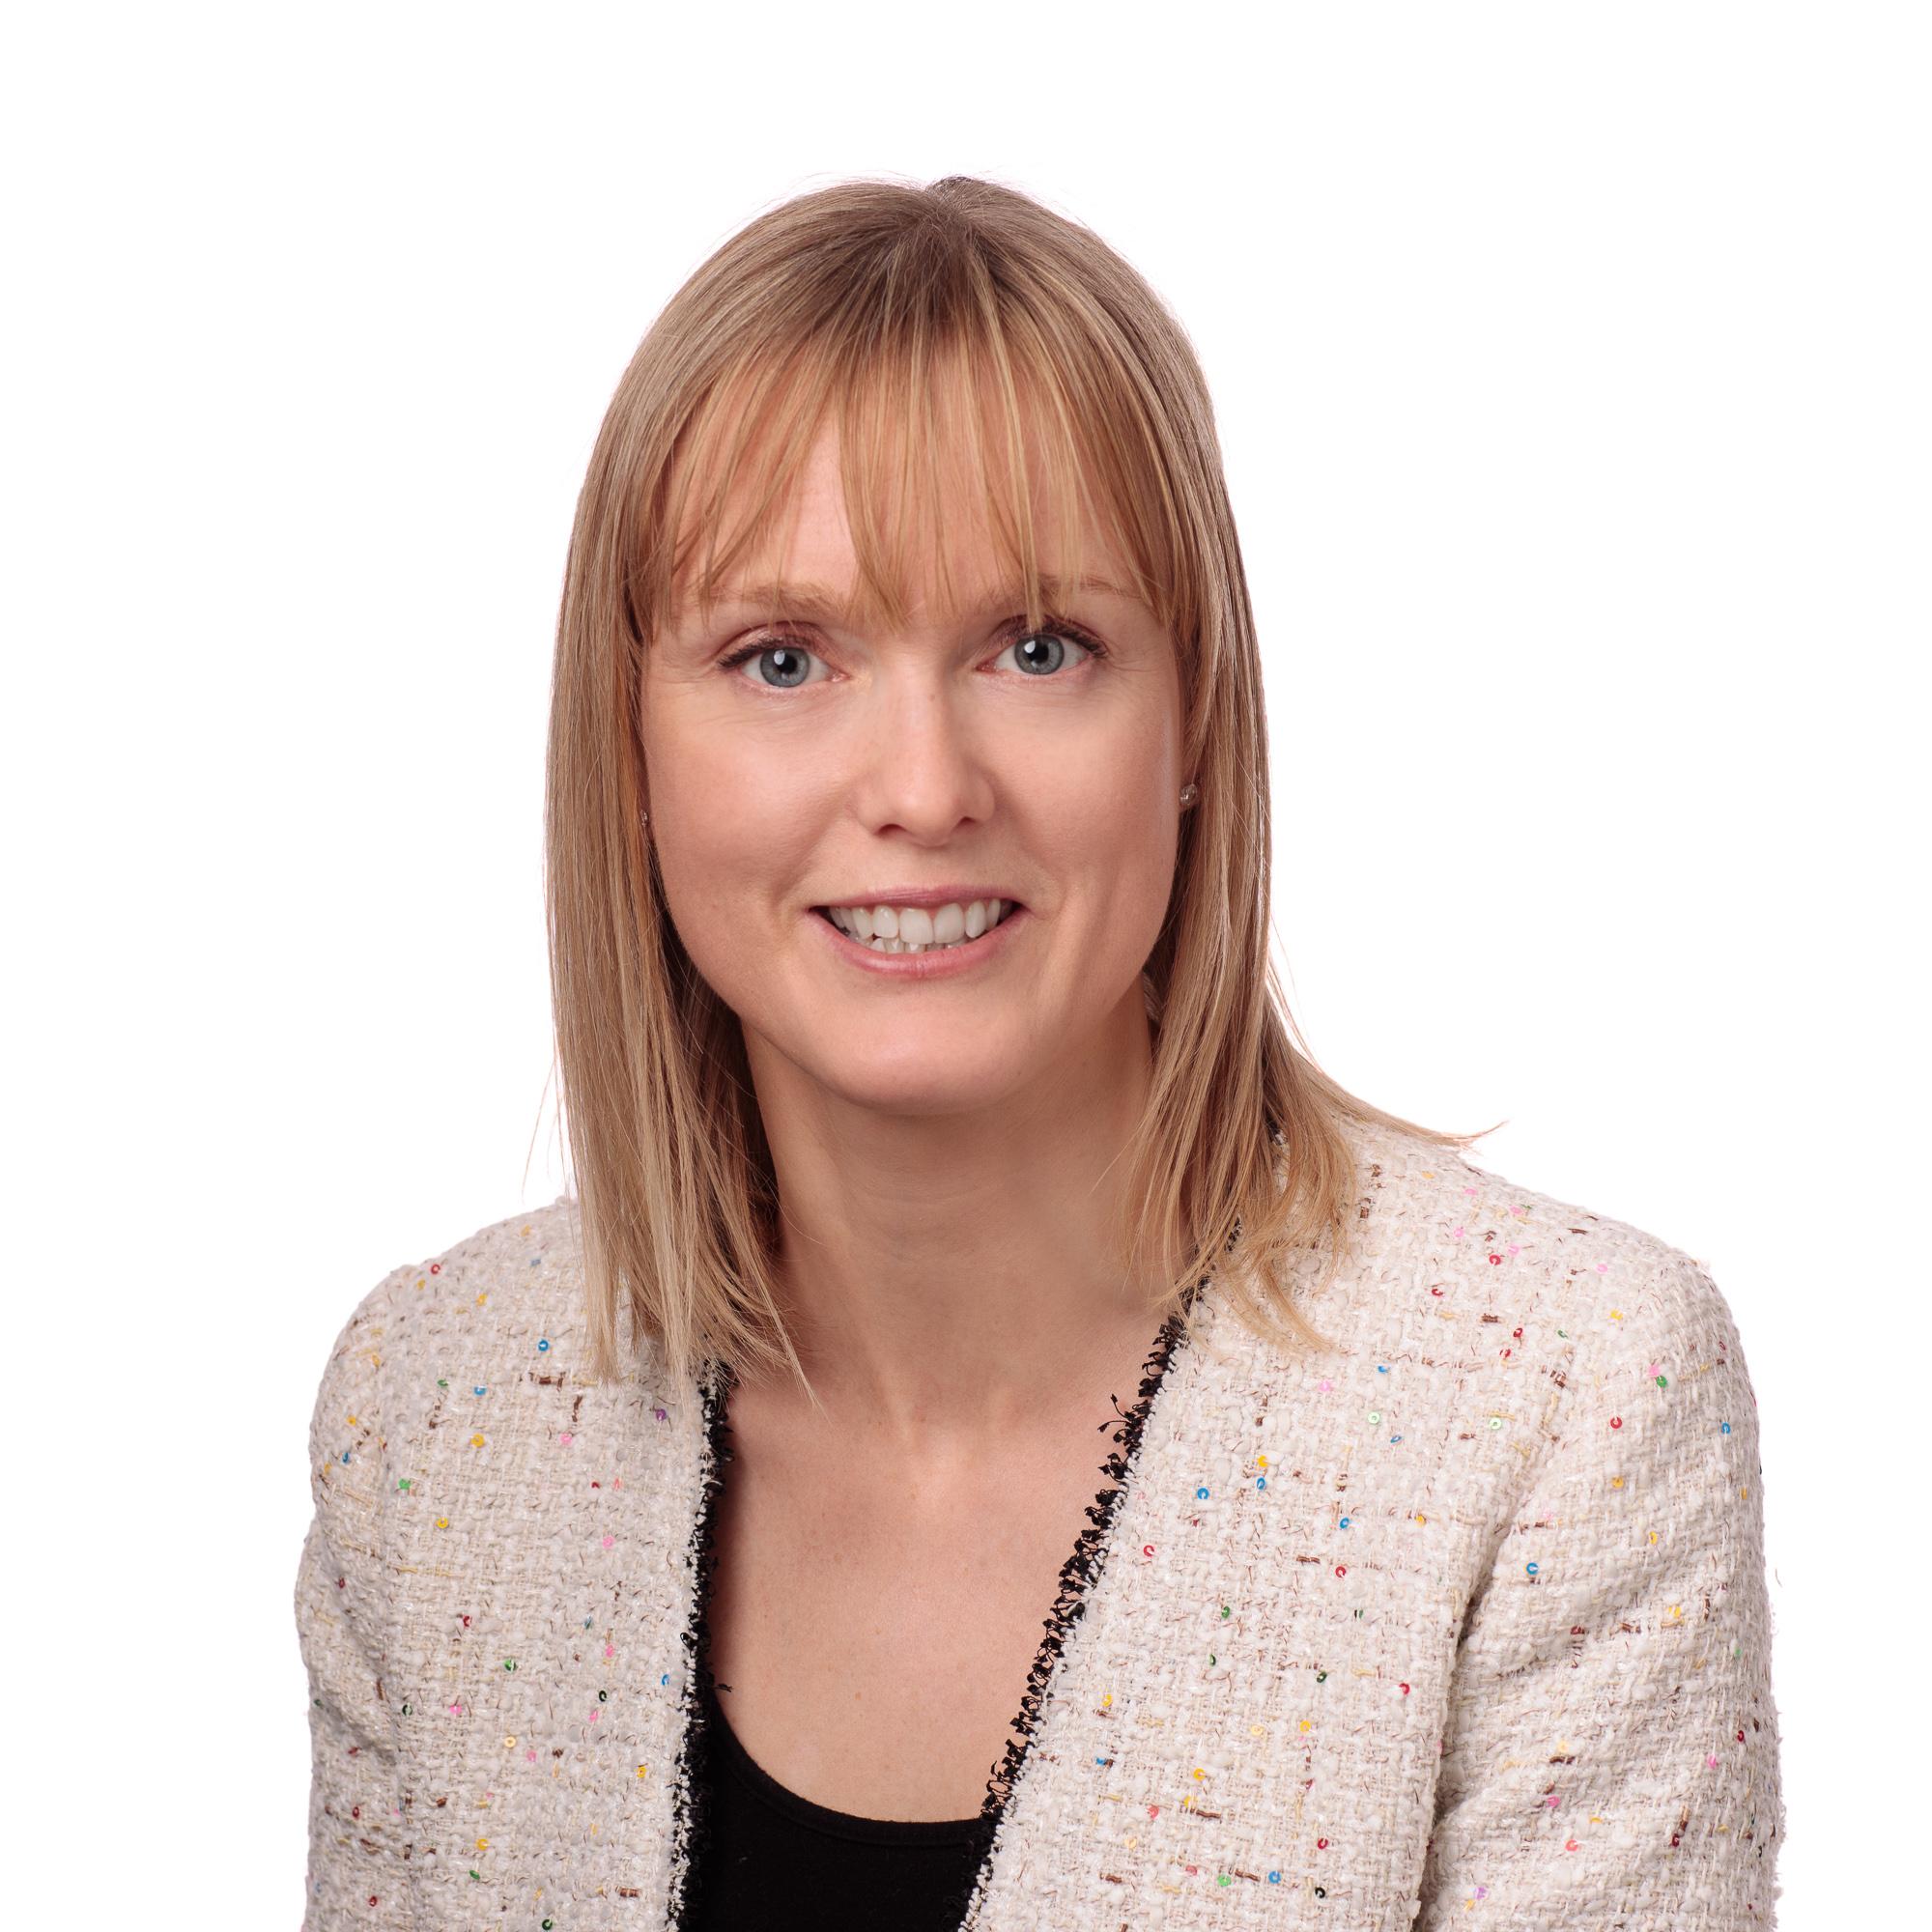 Sonya Slattery - Educational Psychologist